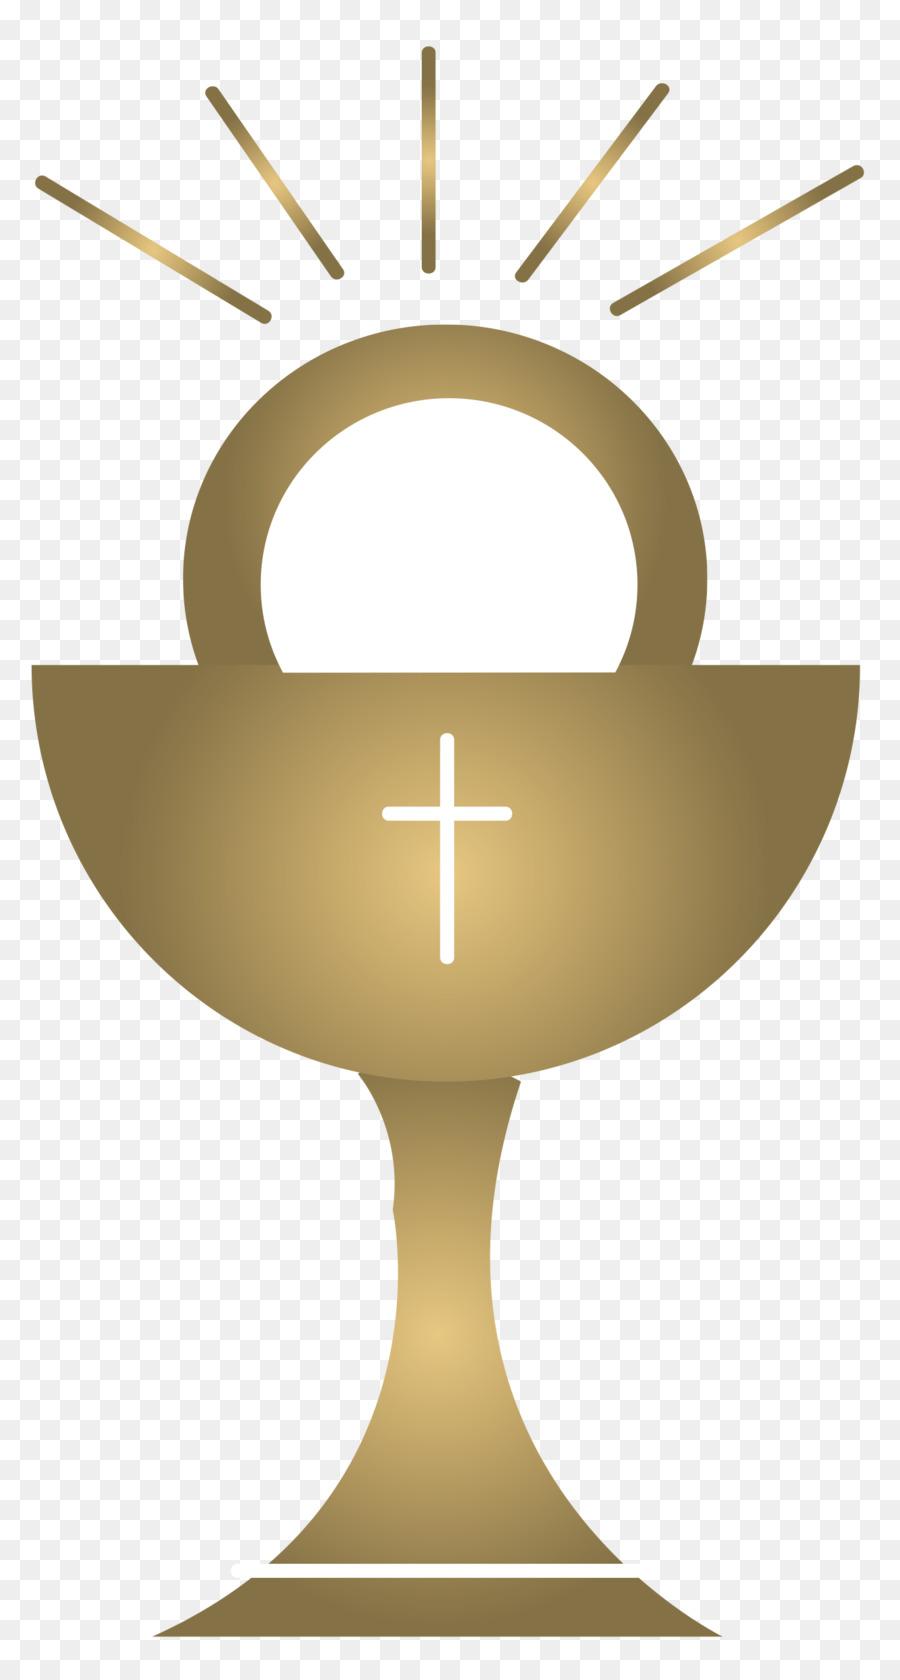 La Primera Comunión, Eucaristía, Niño imagen png.